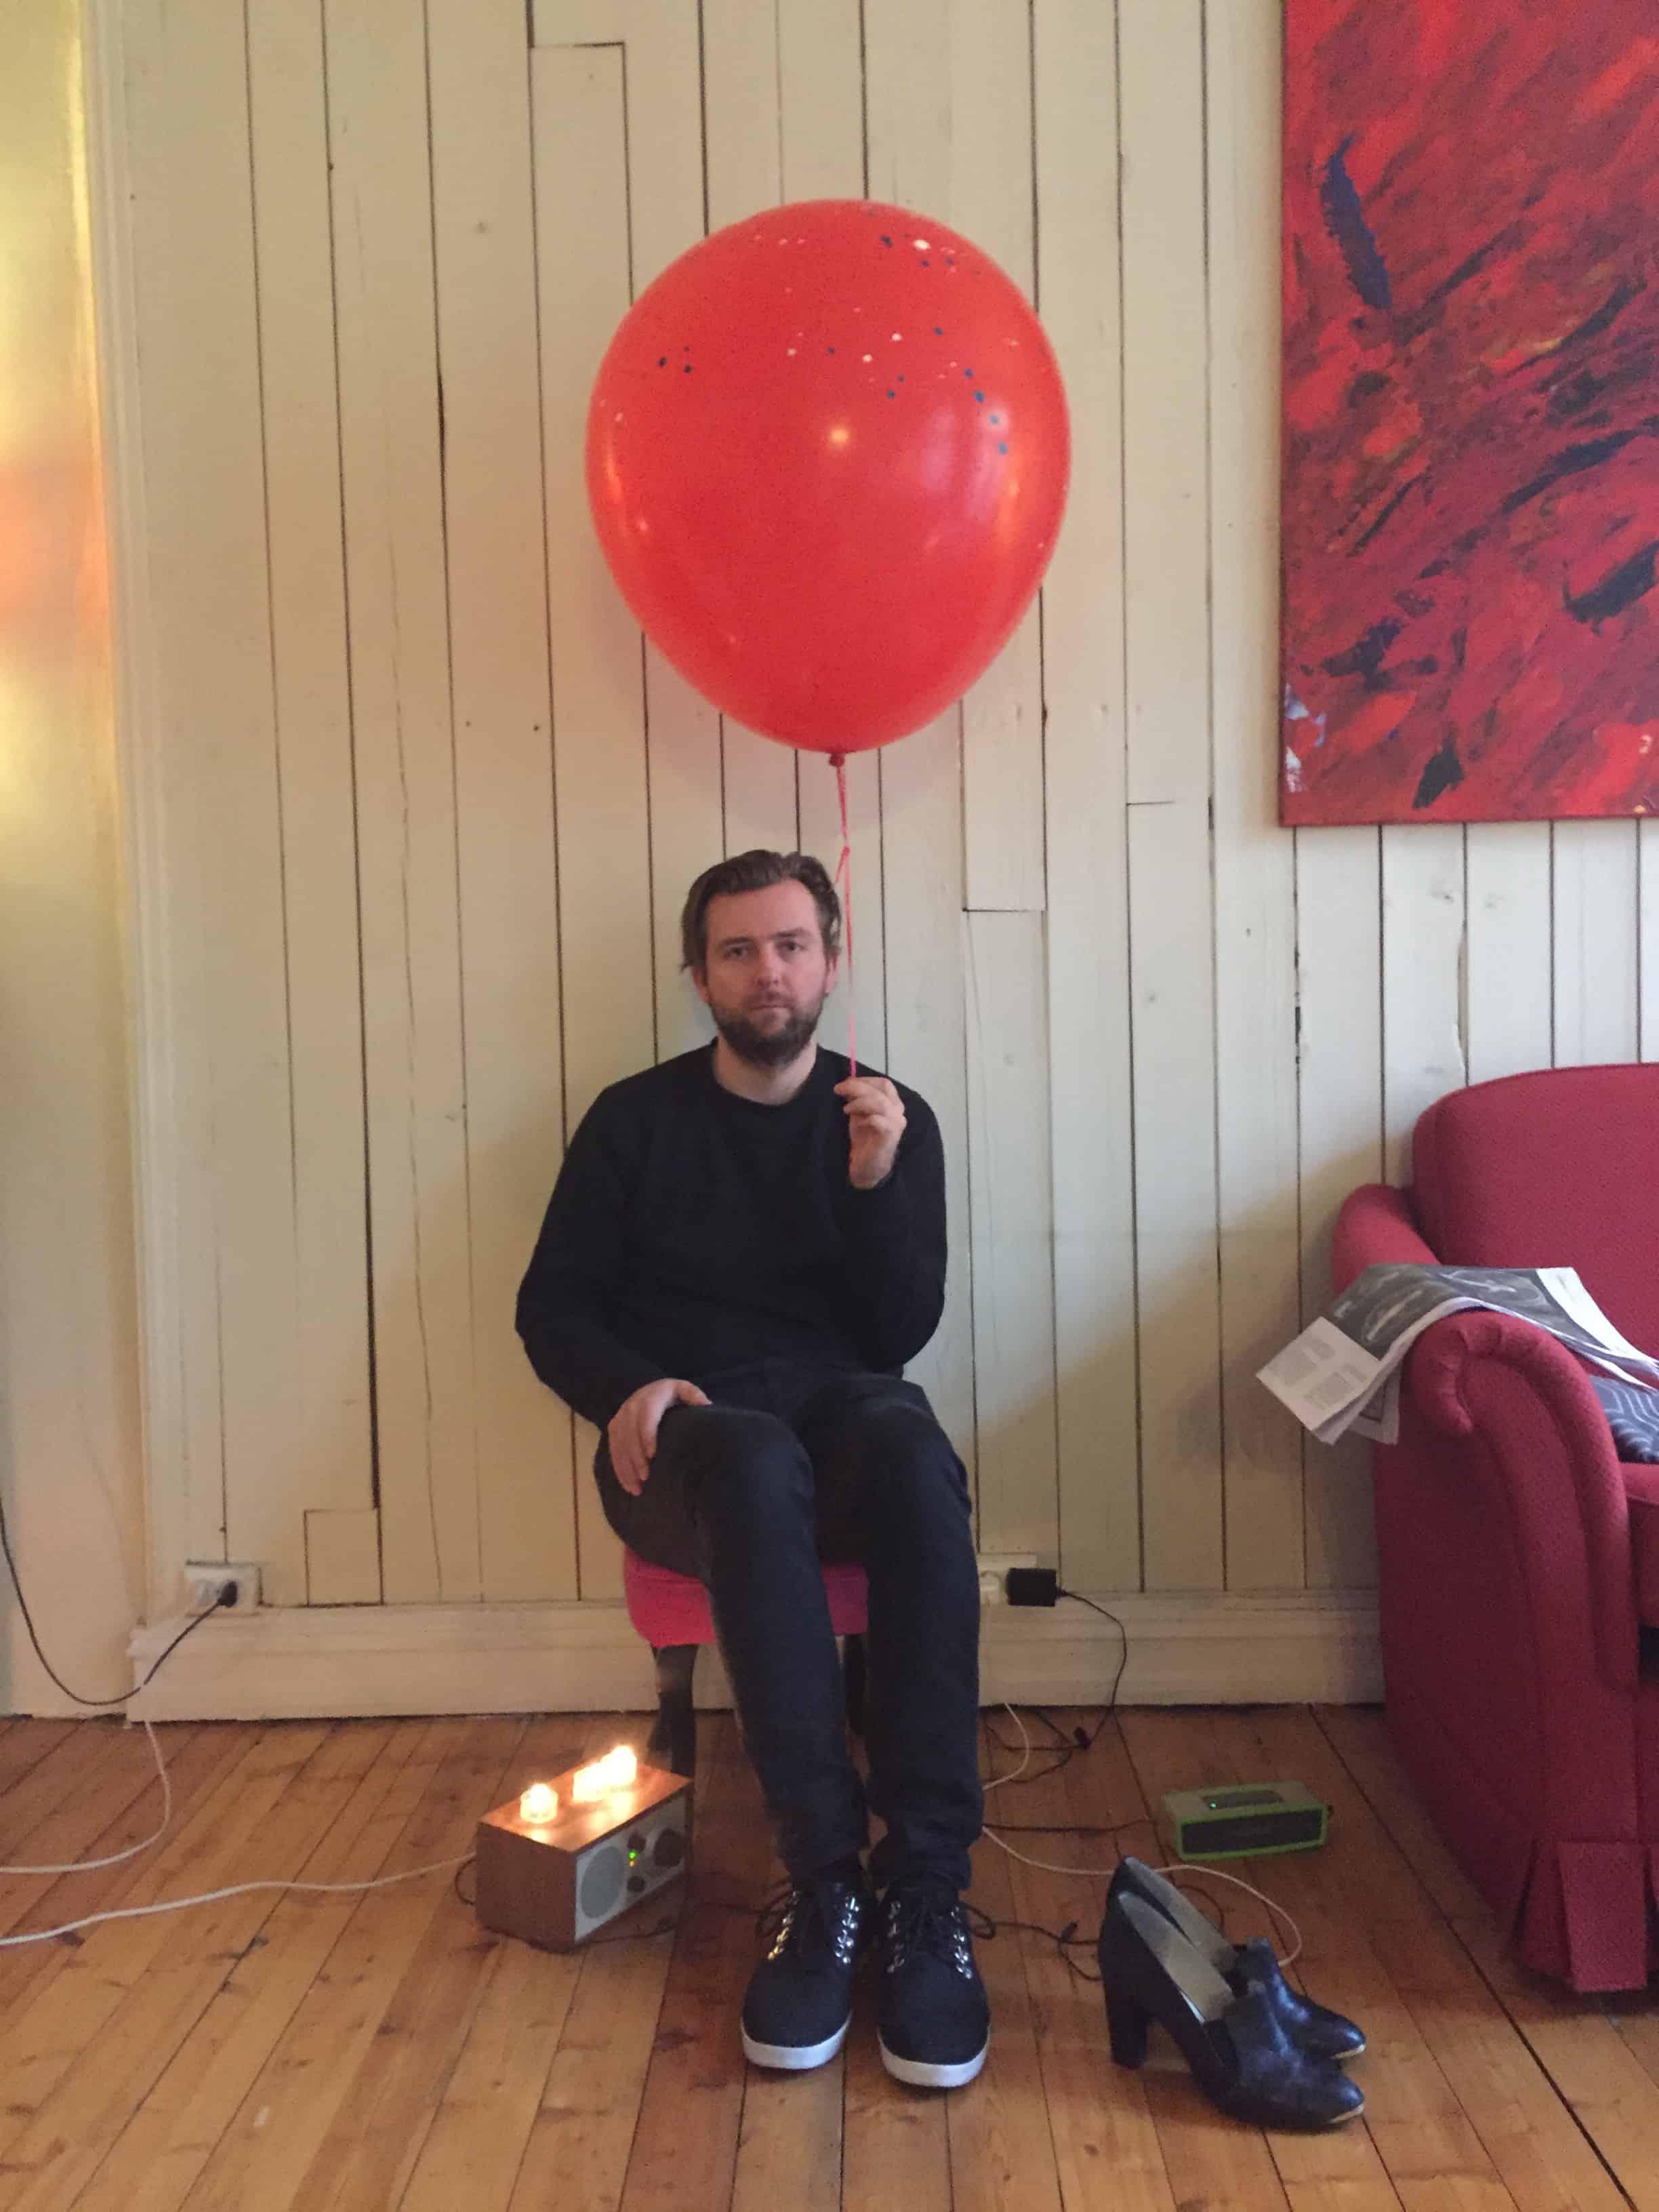 Martin Beyer-Olsen